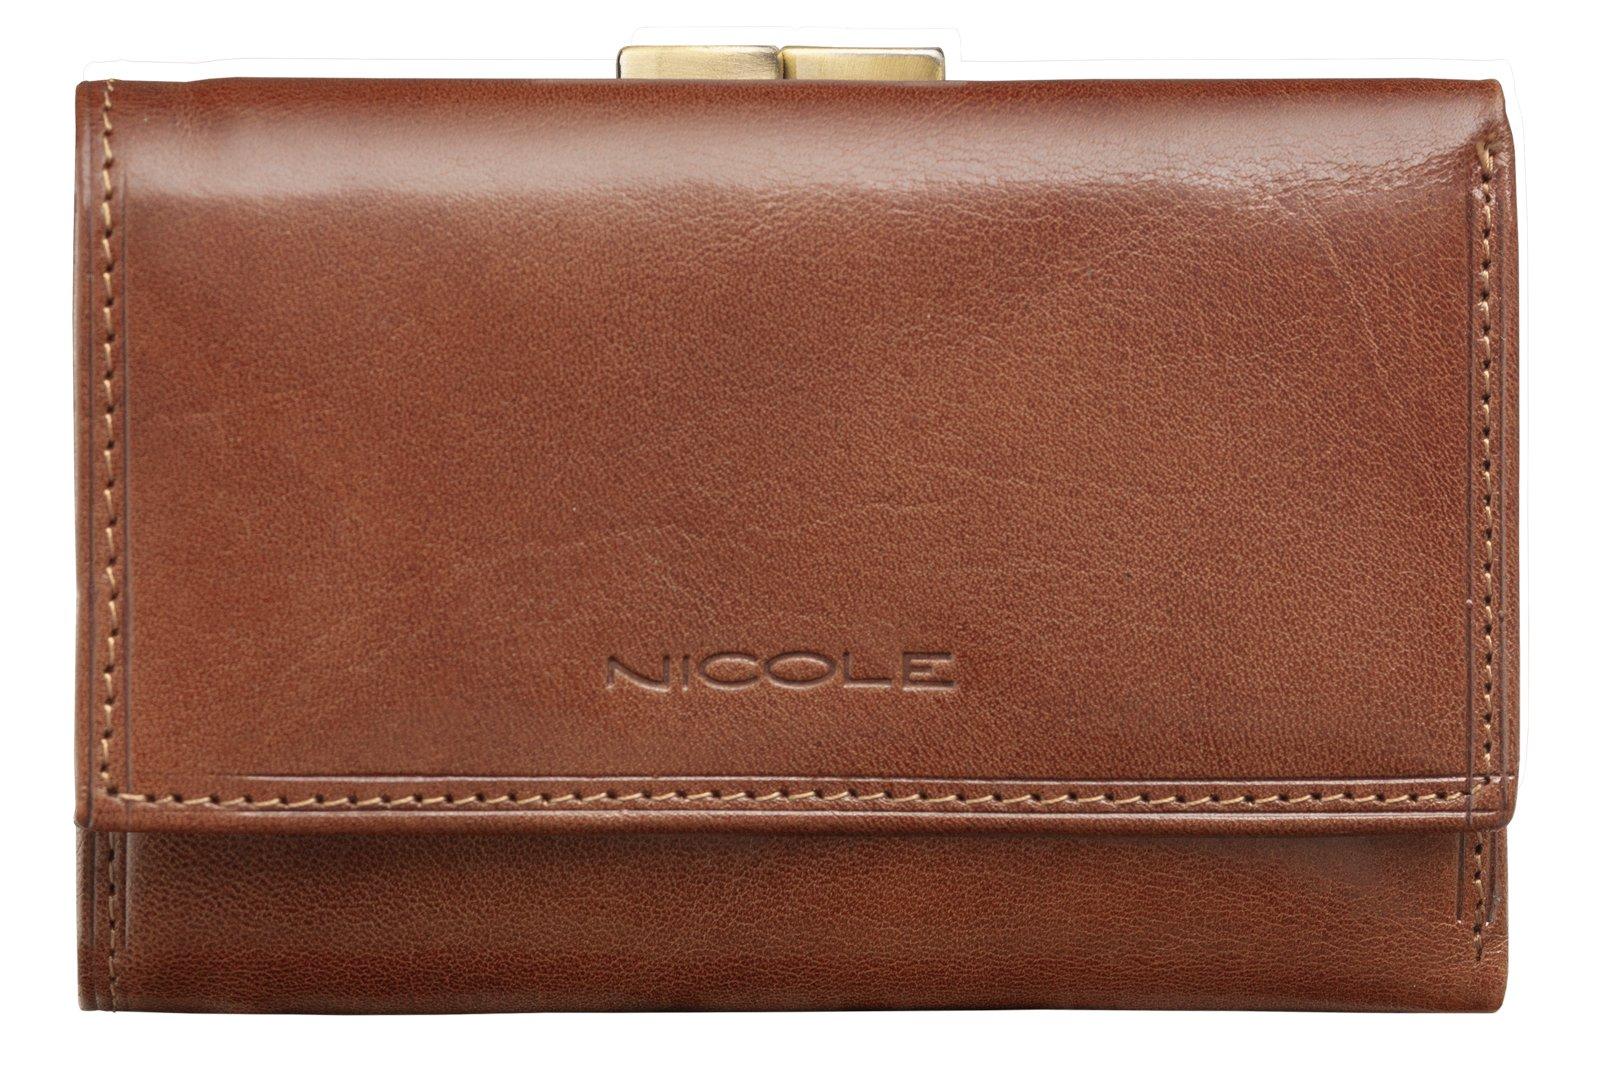 6cd1c31514cd0 Mały skórzany portfel damski NICOLE włoska skóra - 7070927441 ...